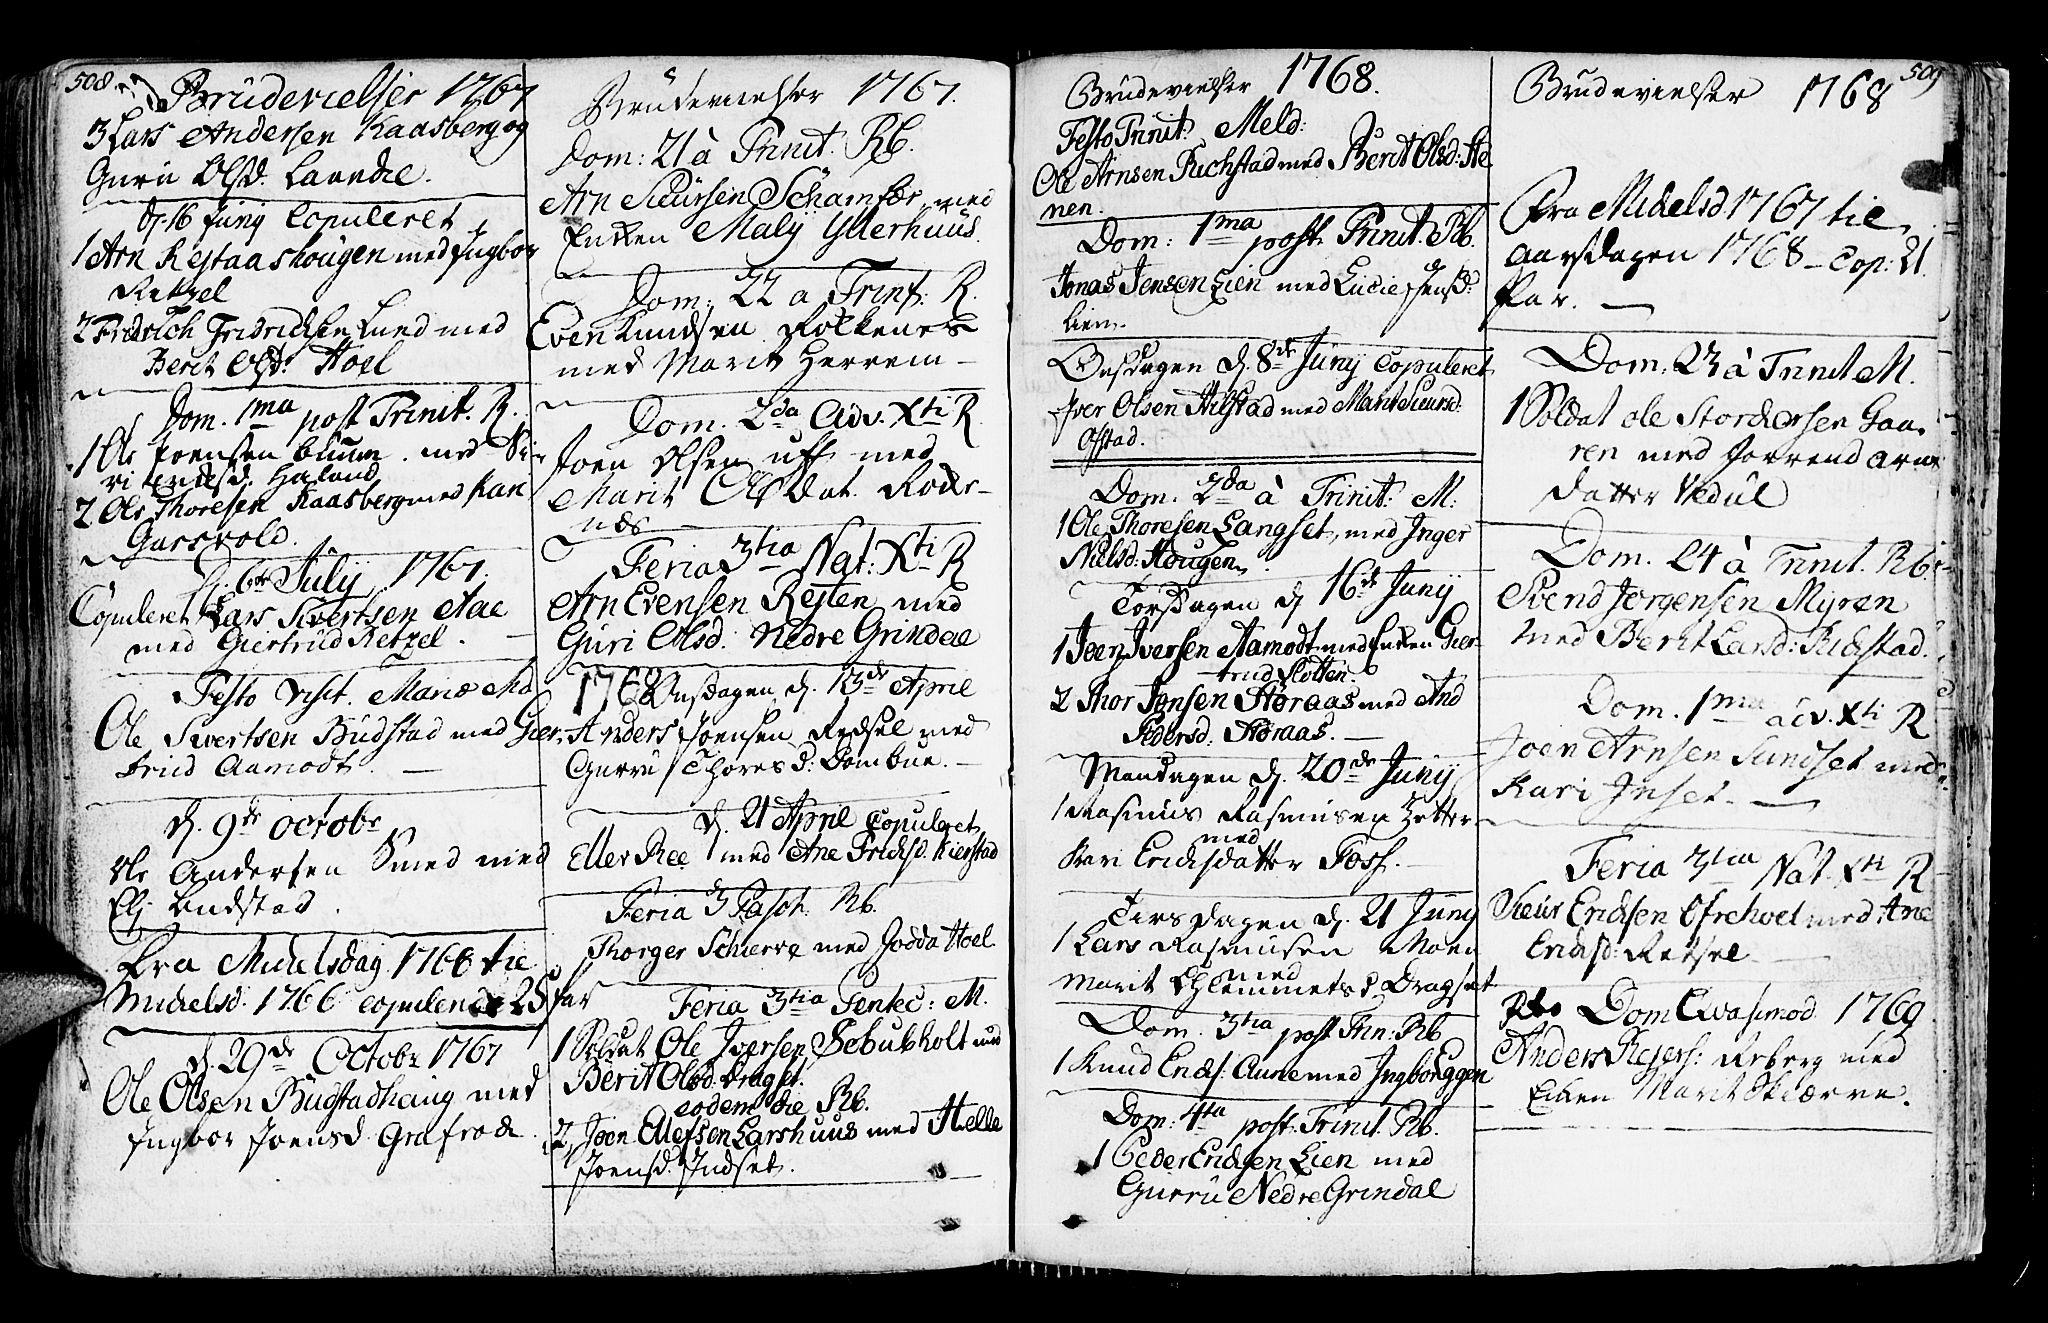 SAT, Ministerialprotokoller, klokkerbøker og fødselsregistre - Sør-Trøndelag, 672/L0851: Ministerialbok nr. 672A04, 1751-1775, s. 508-509